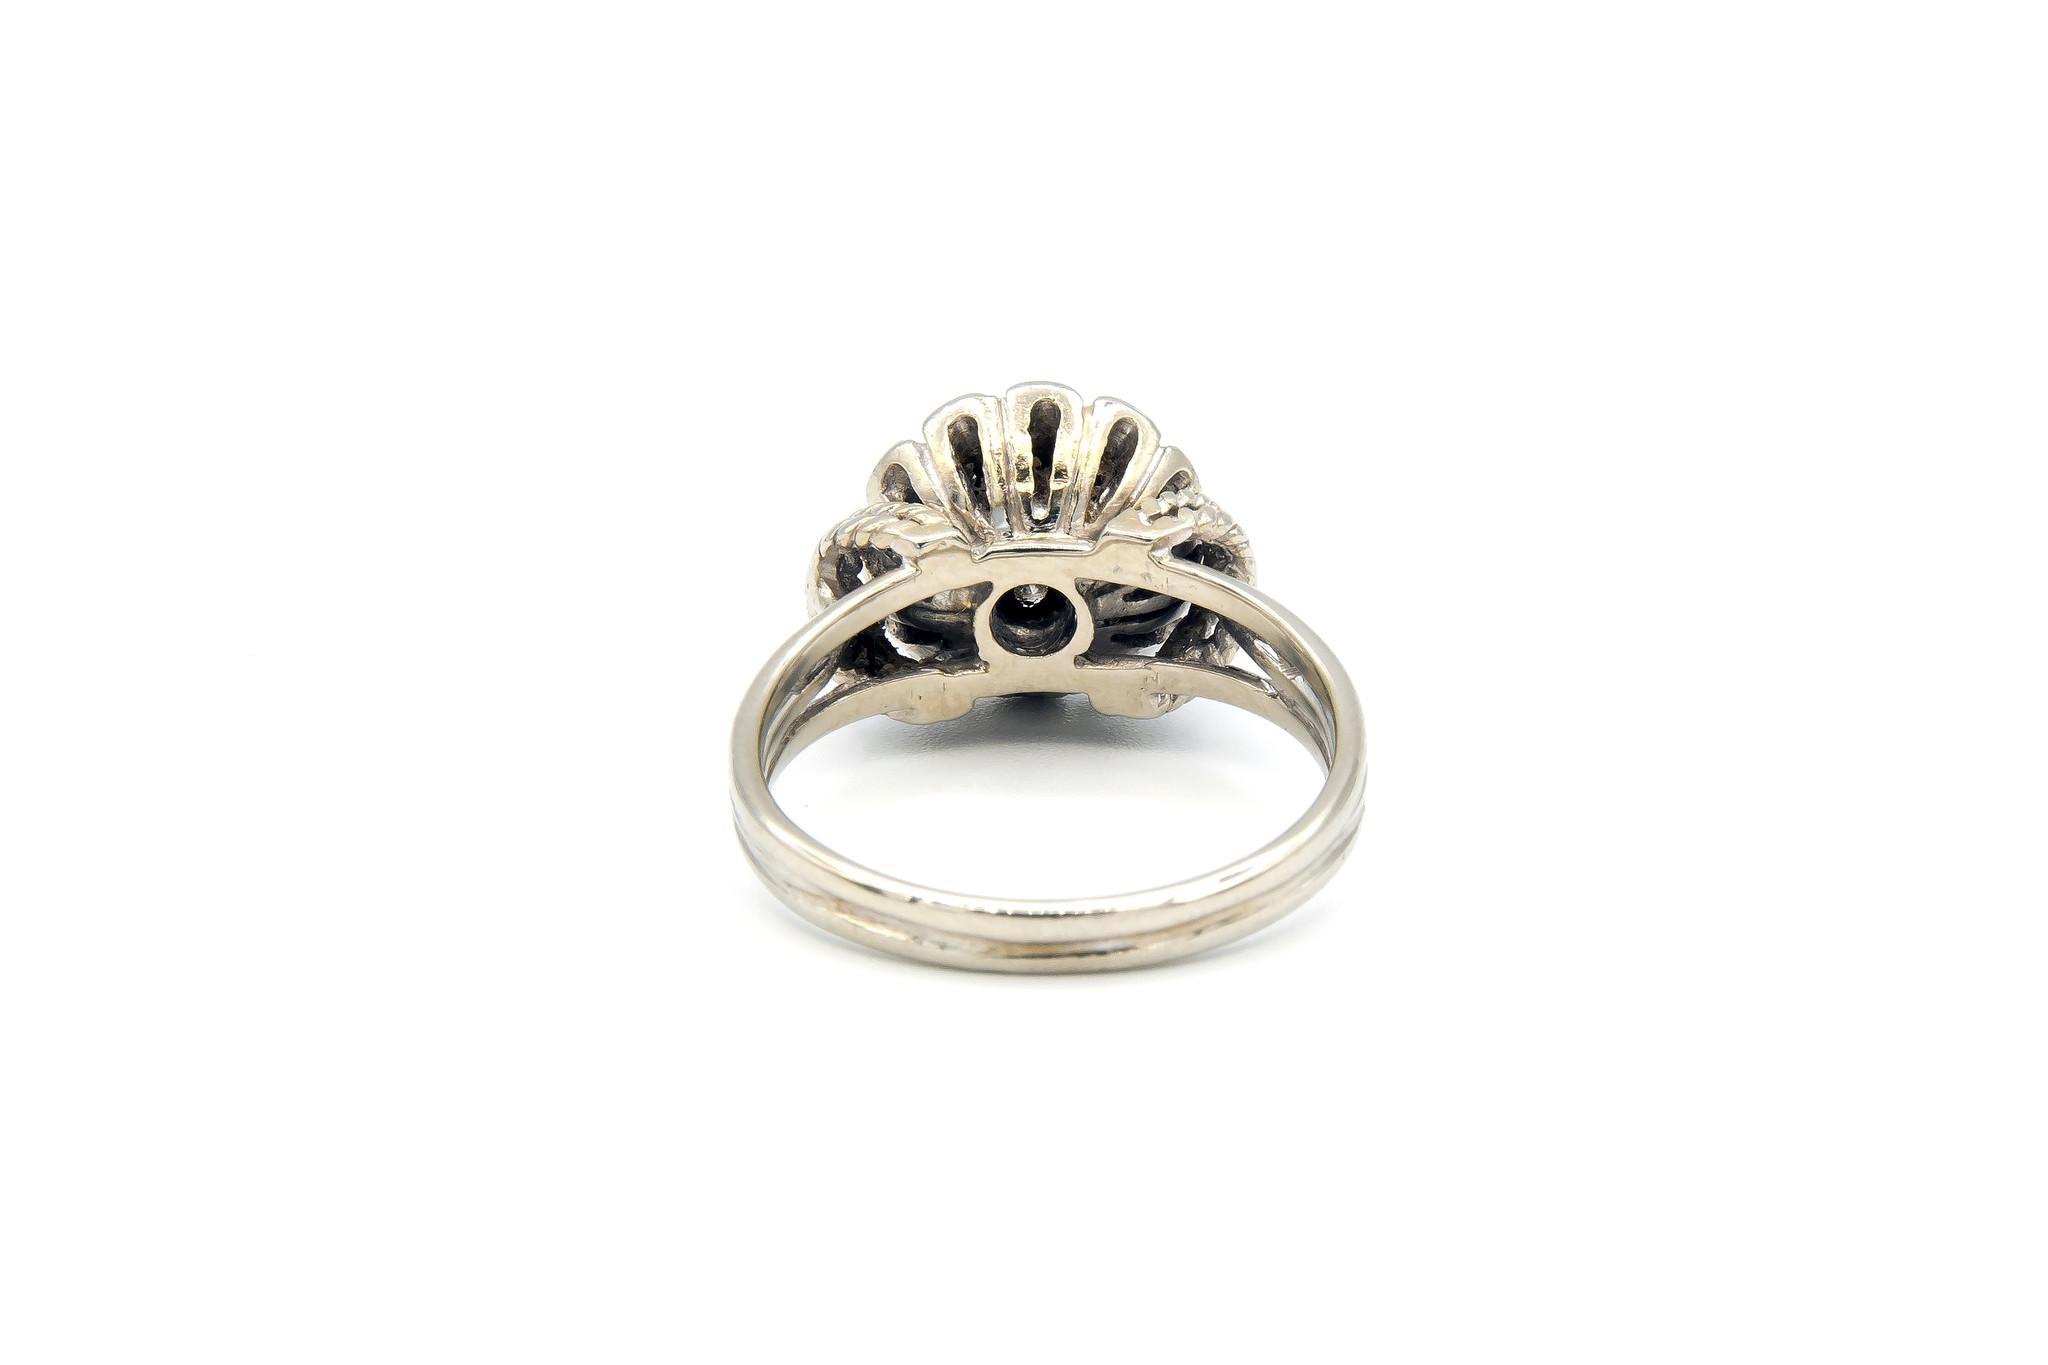 Ring verlovingsring diamant omringd door 6 lager ingezette diamanten witgoud-4